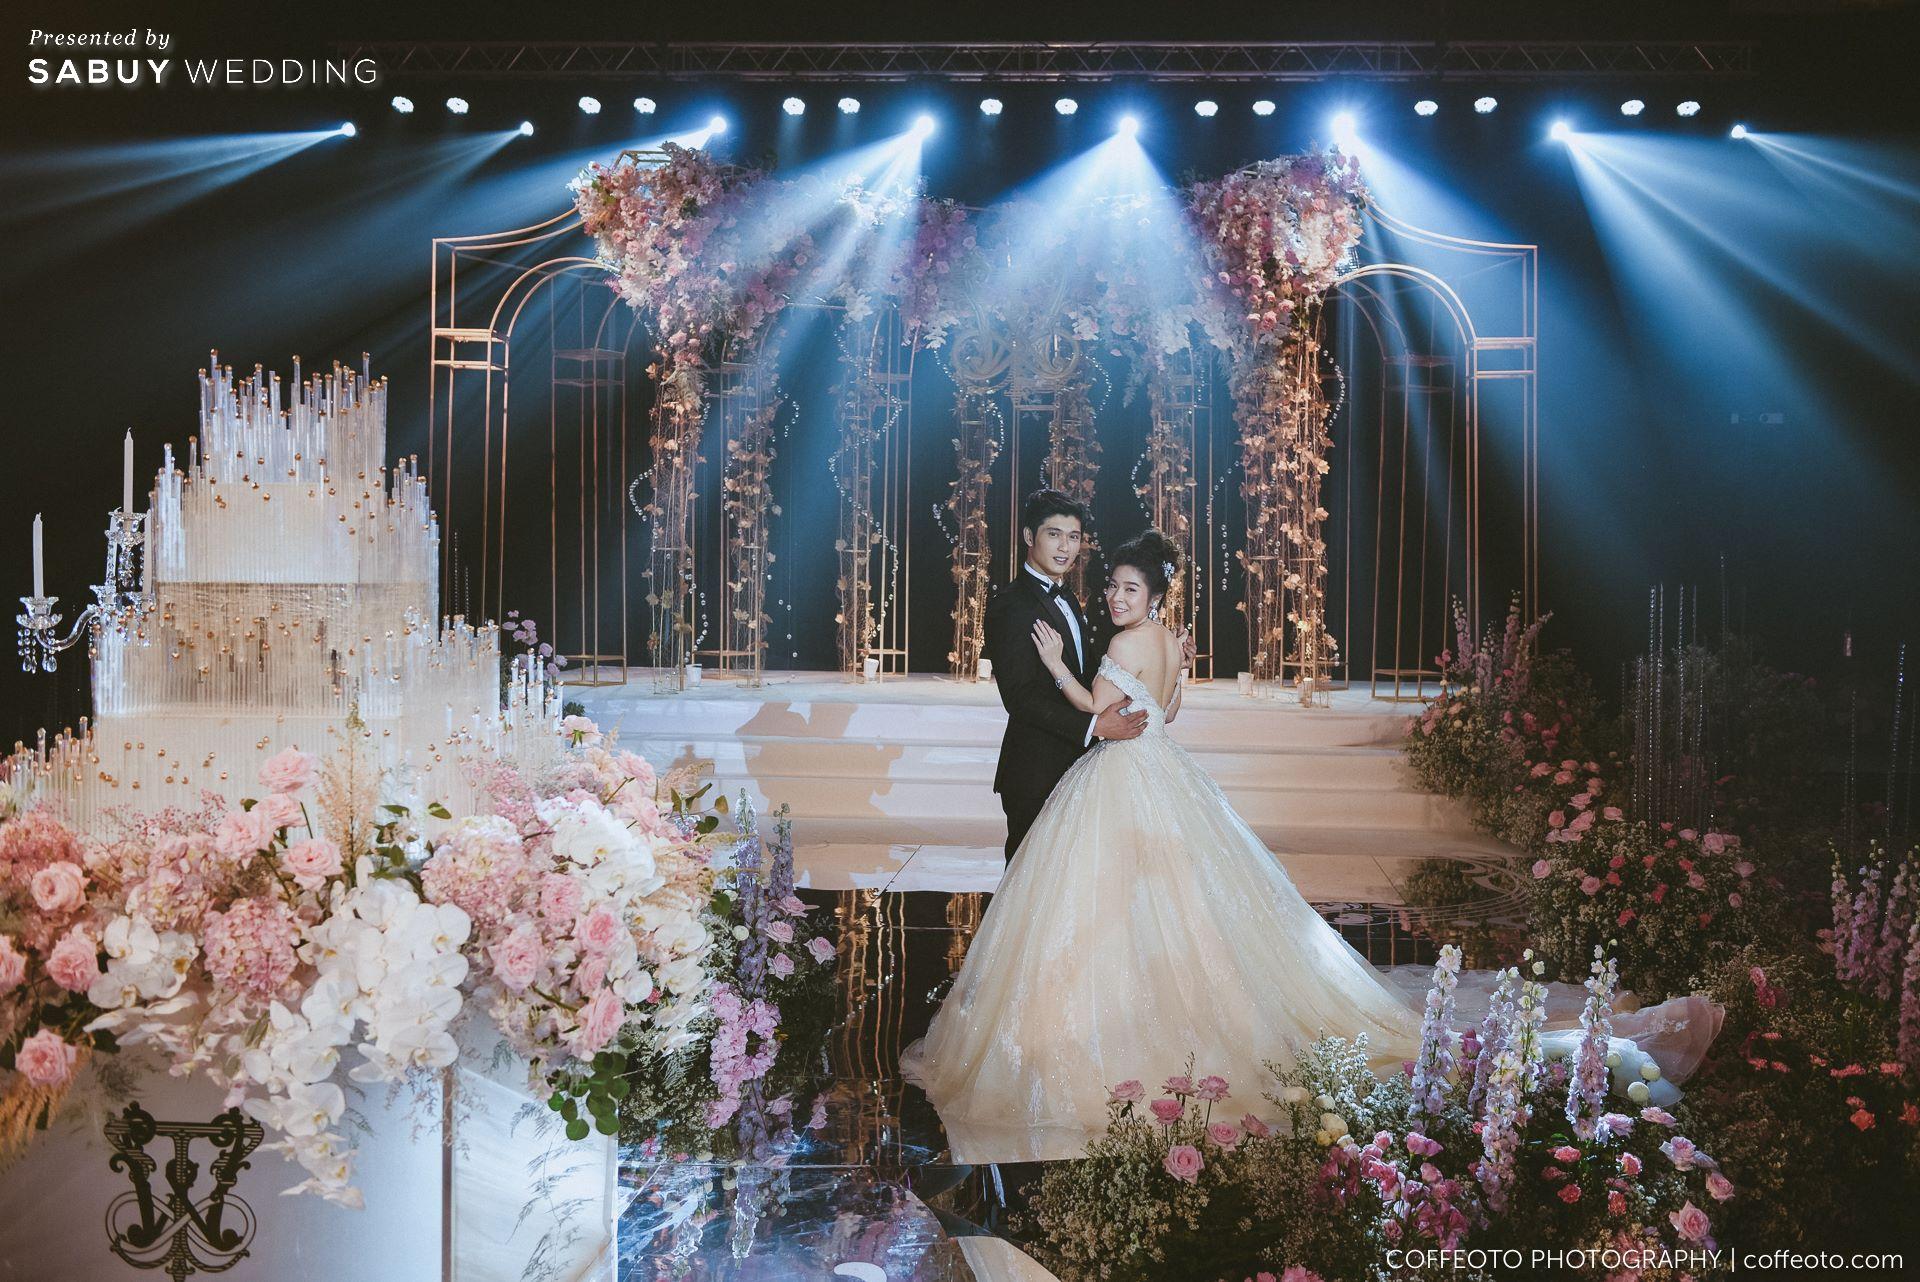 เจ้าบ่าว,ตกแต่งงาน,เจ้าสาว รีวิวงานแต่งสวยปัง อลังกับชุดเจ้าสาว Glow in the dark เรืองแสงได้ @ InterContinental Bangkok